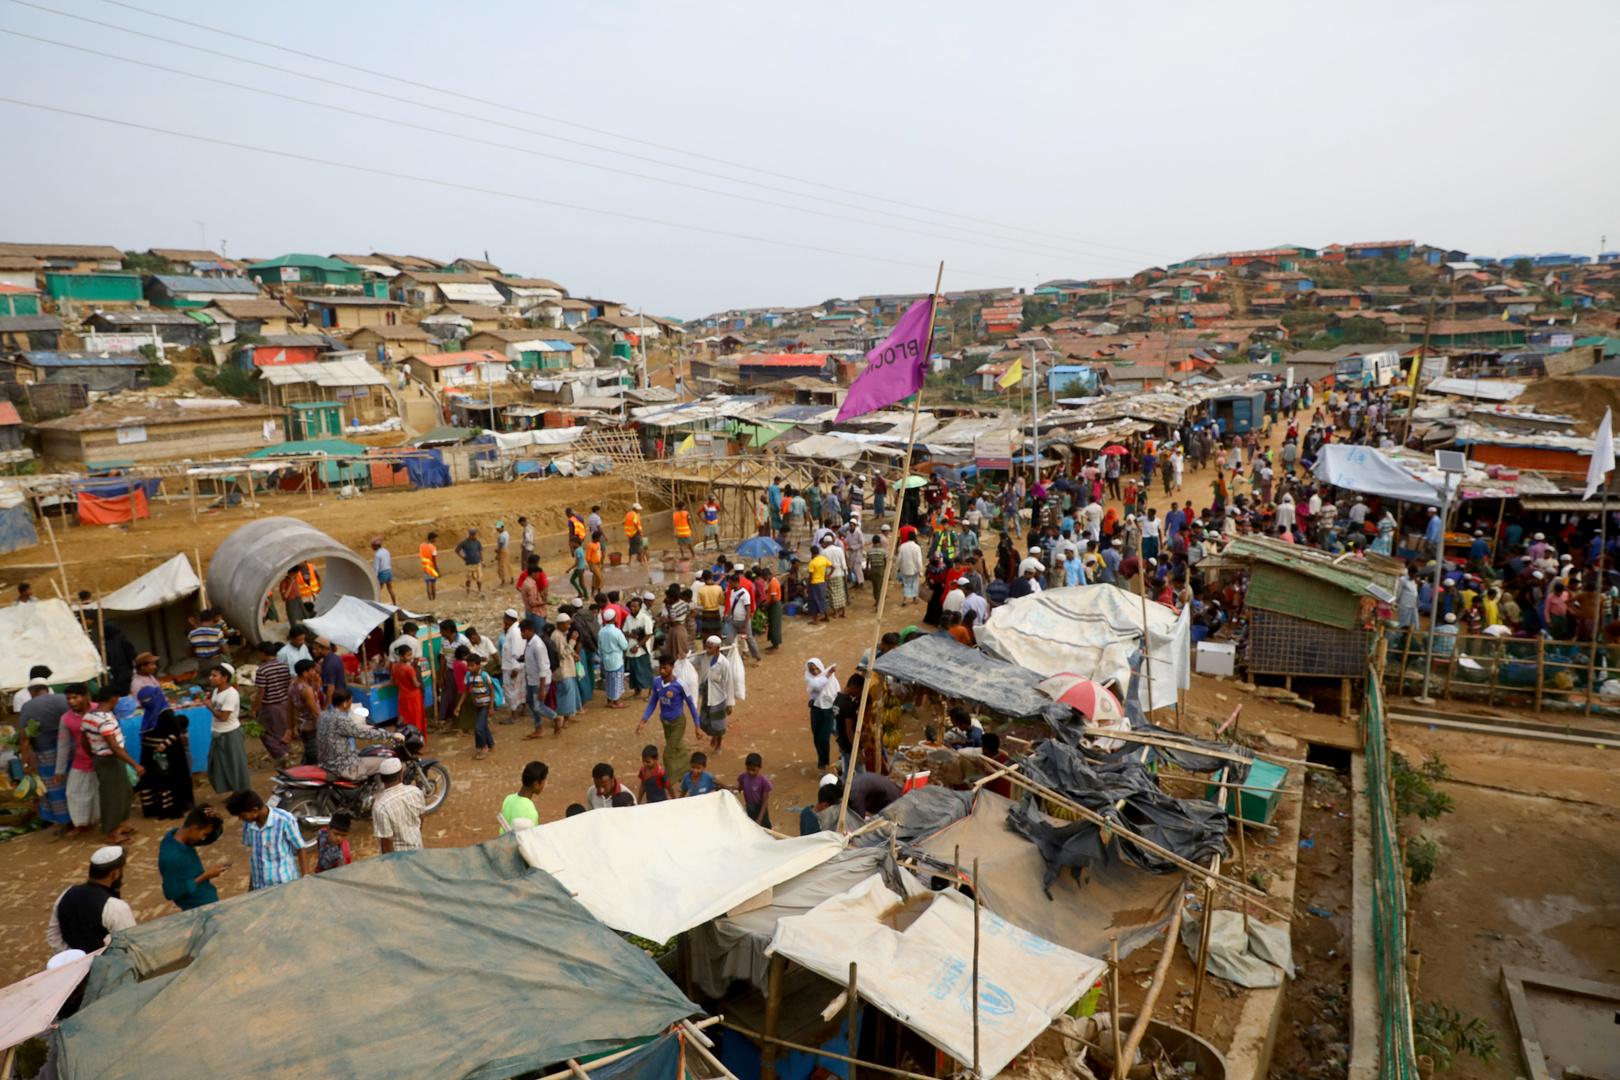 الأمم المتحدة تزور لأول مرة جزيرة نائية في بنغلاديش أصبحت مأوى للروهينغا